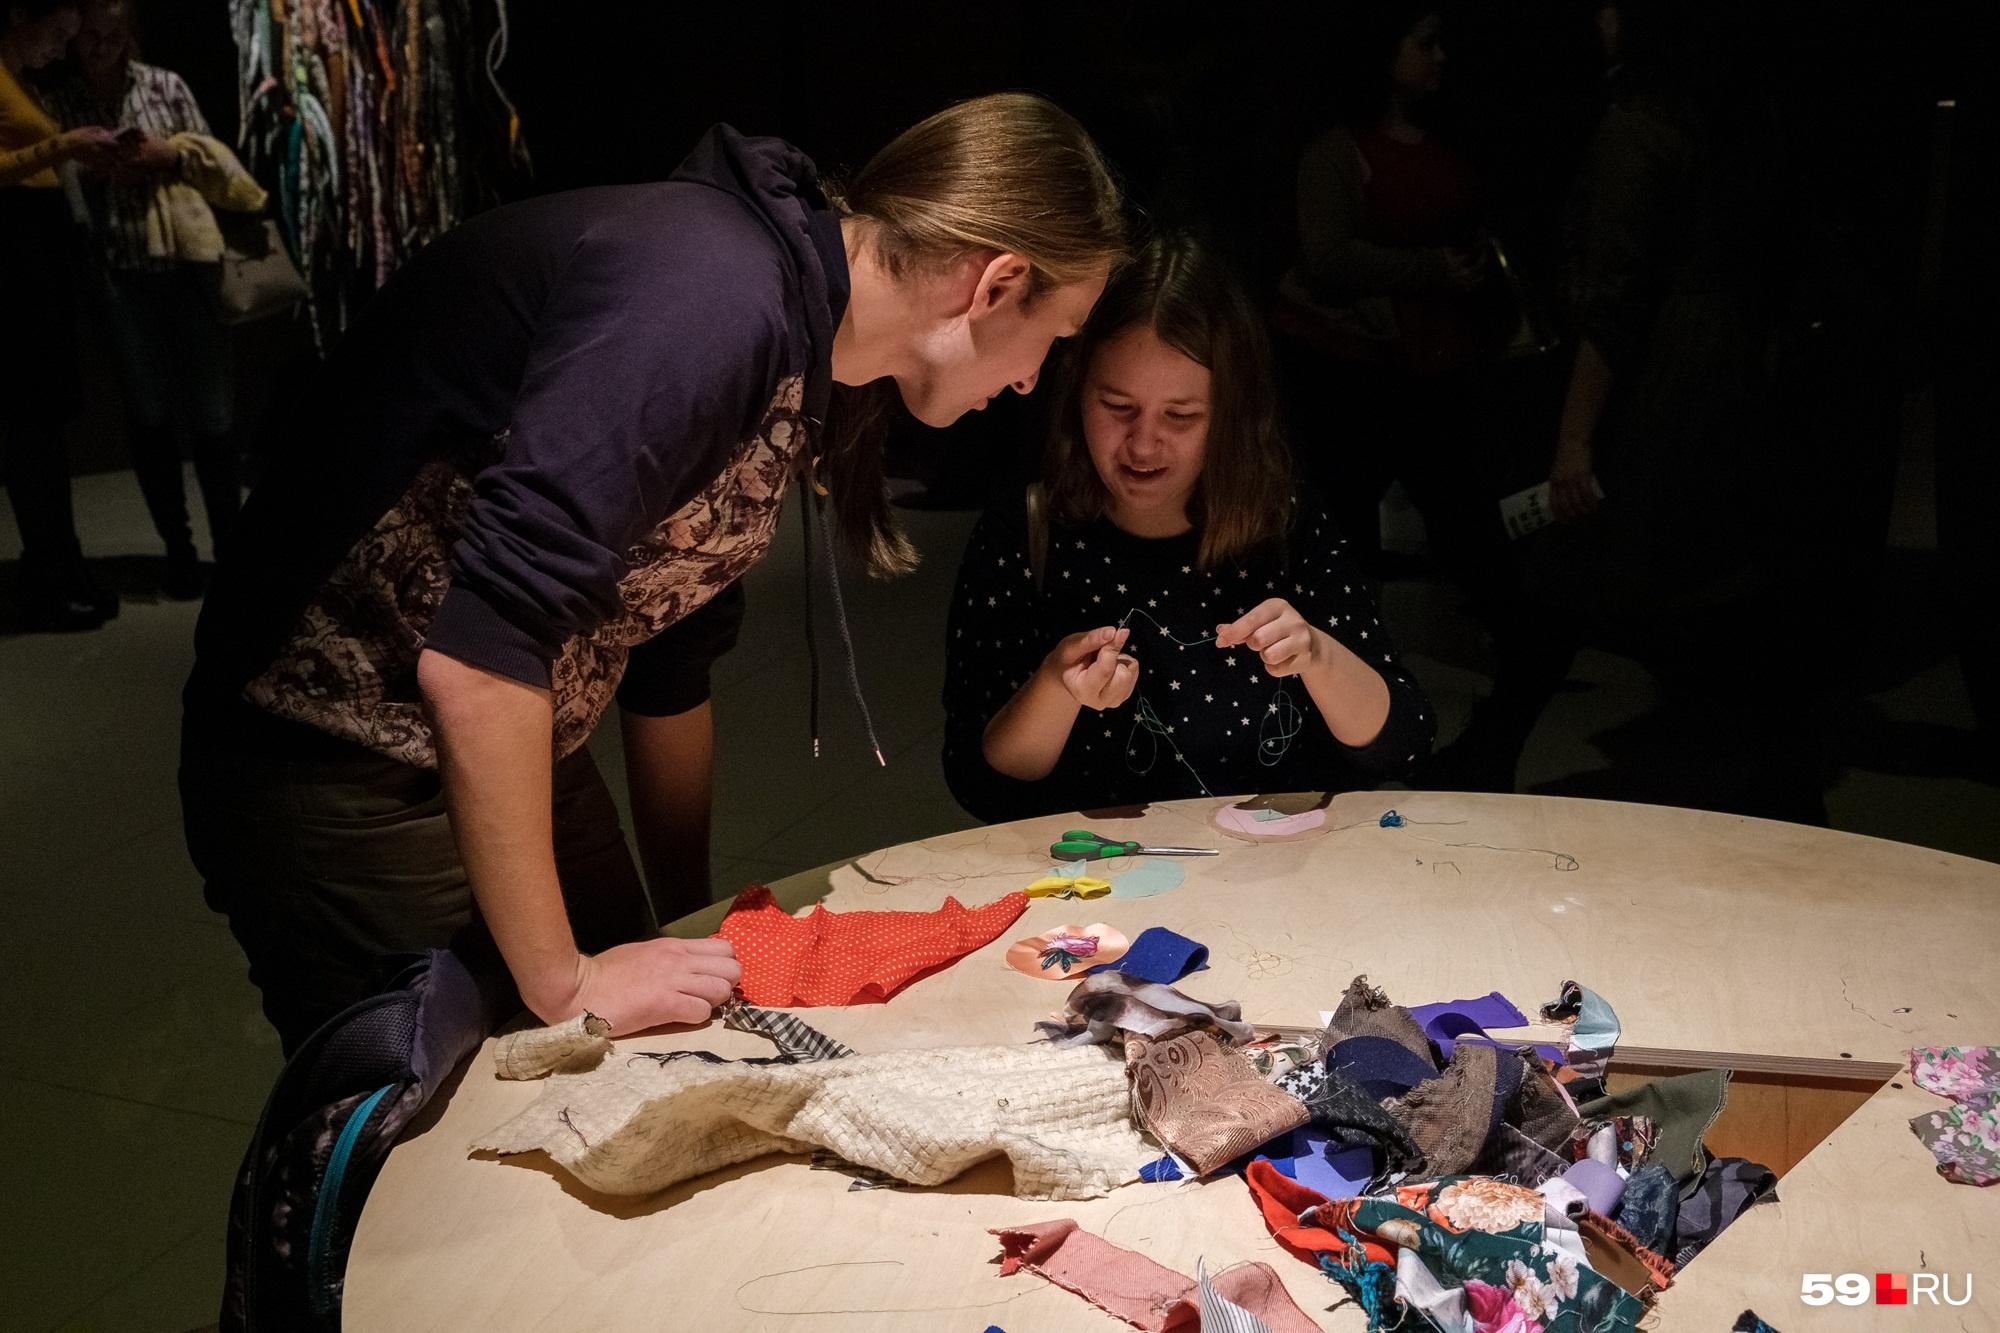 Художником может стать каждый и создать свой шедевр